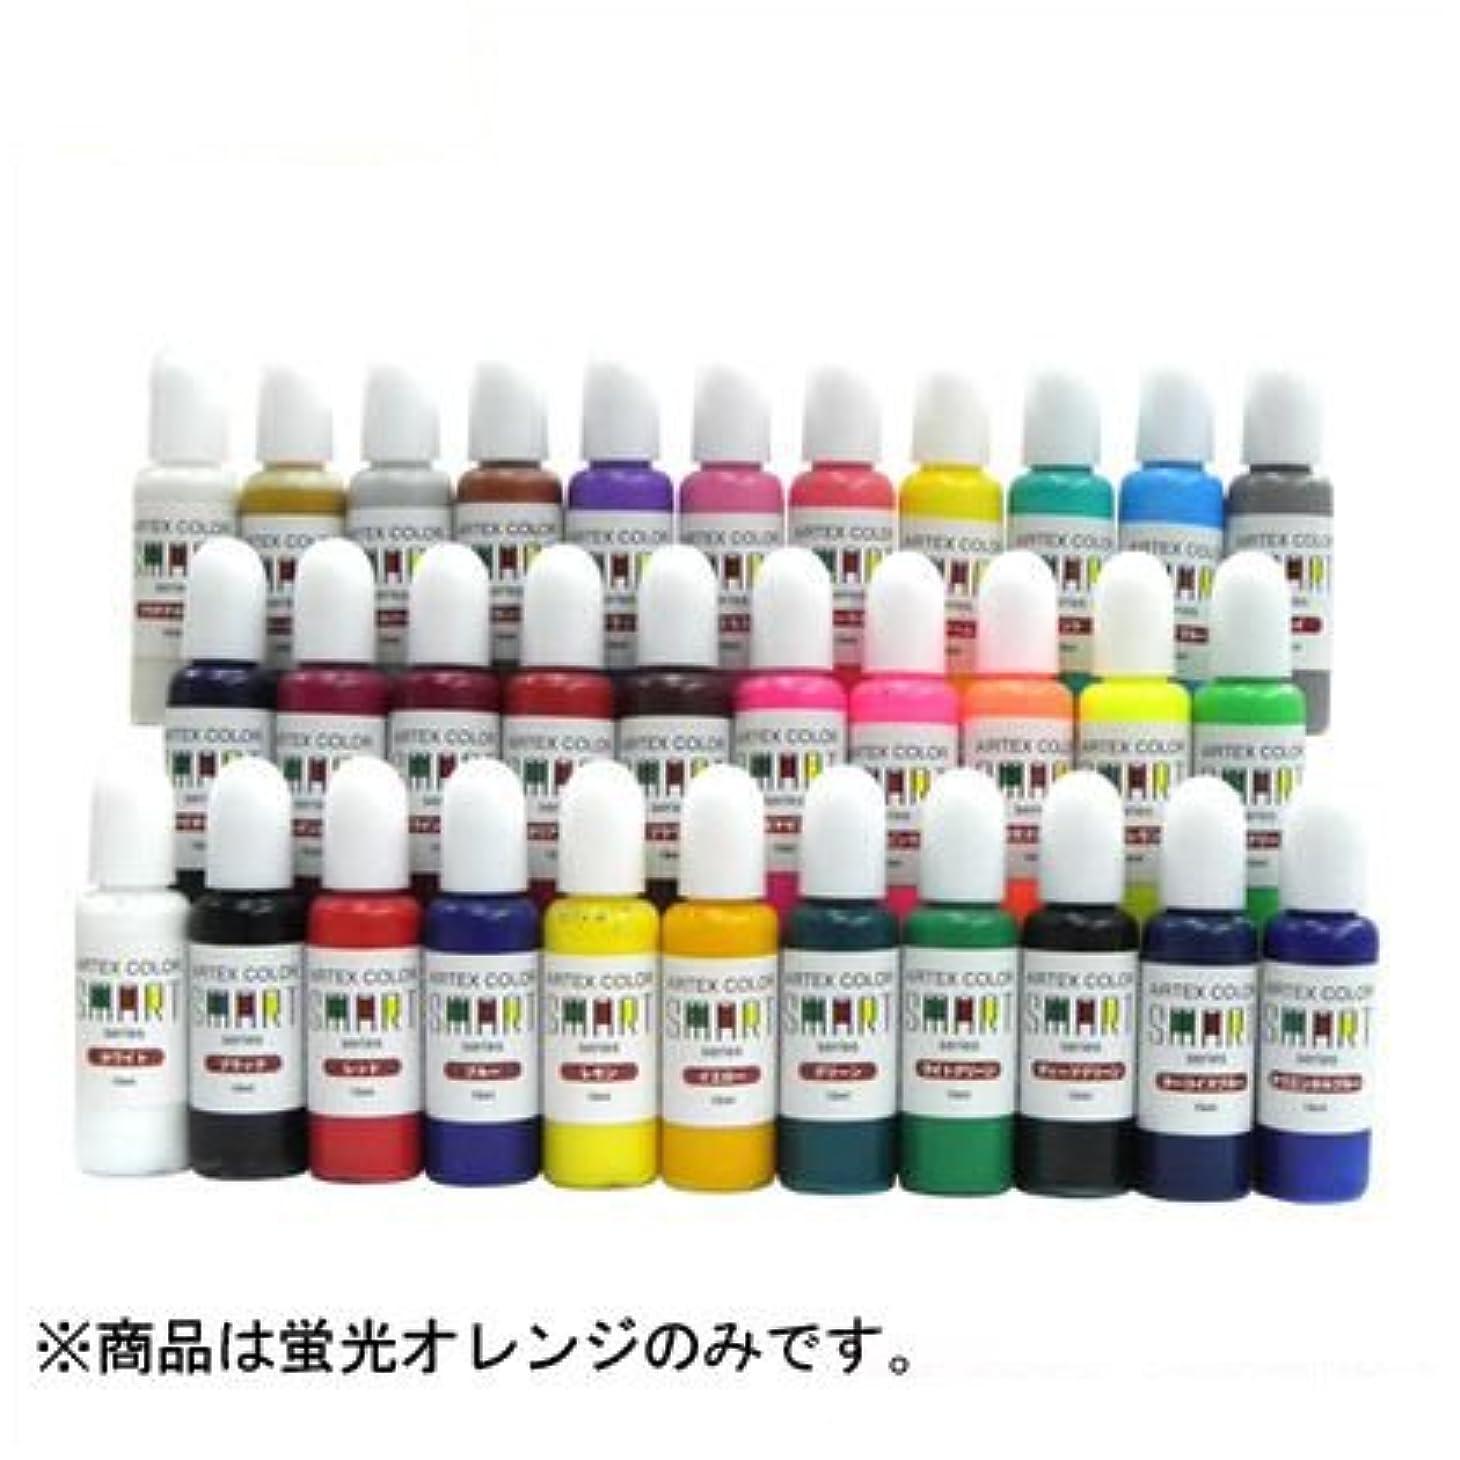 平等厄介な購入エアテックス カラースマートシリーズ 蛍光オレンジ ACS19